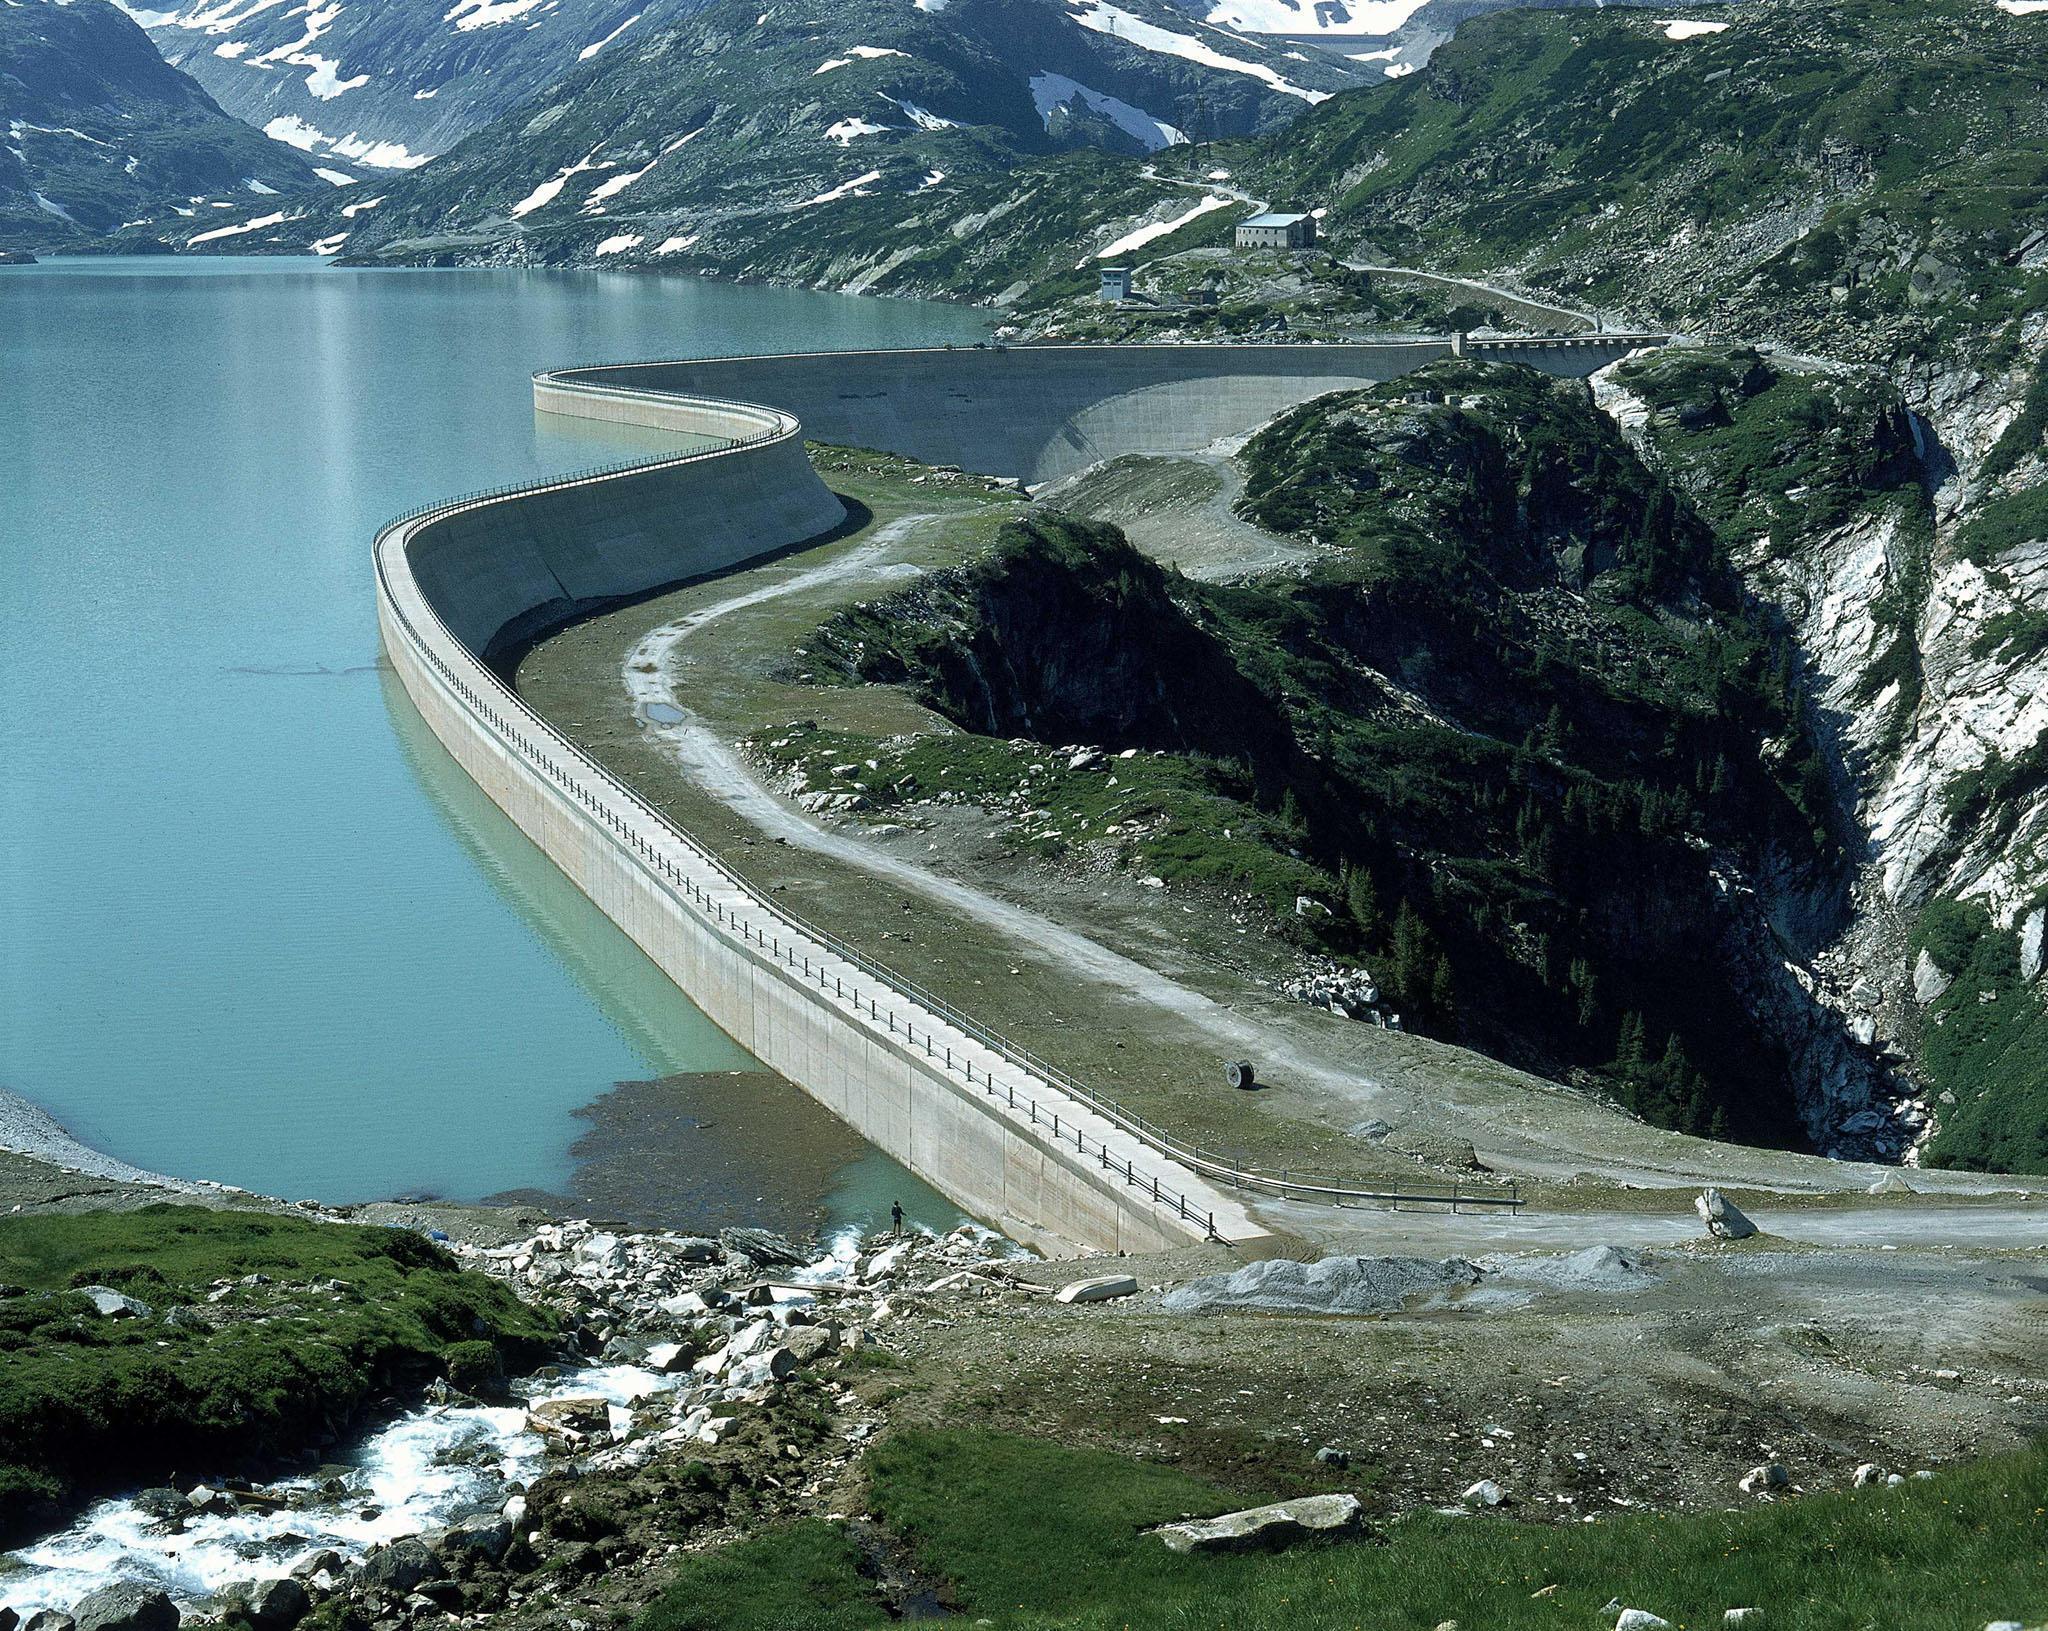 Die Bahn fährt mit Bahnstrom. Die ÖBB erzeugen diesen Strom größtenteils selbst. Im Bild: Kraftwerksgruppe Stubachtal / Tauernmoossperre - längste Staumauer Europas (1104m)